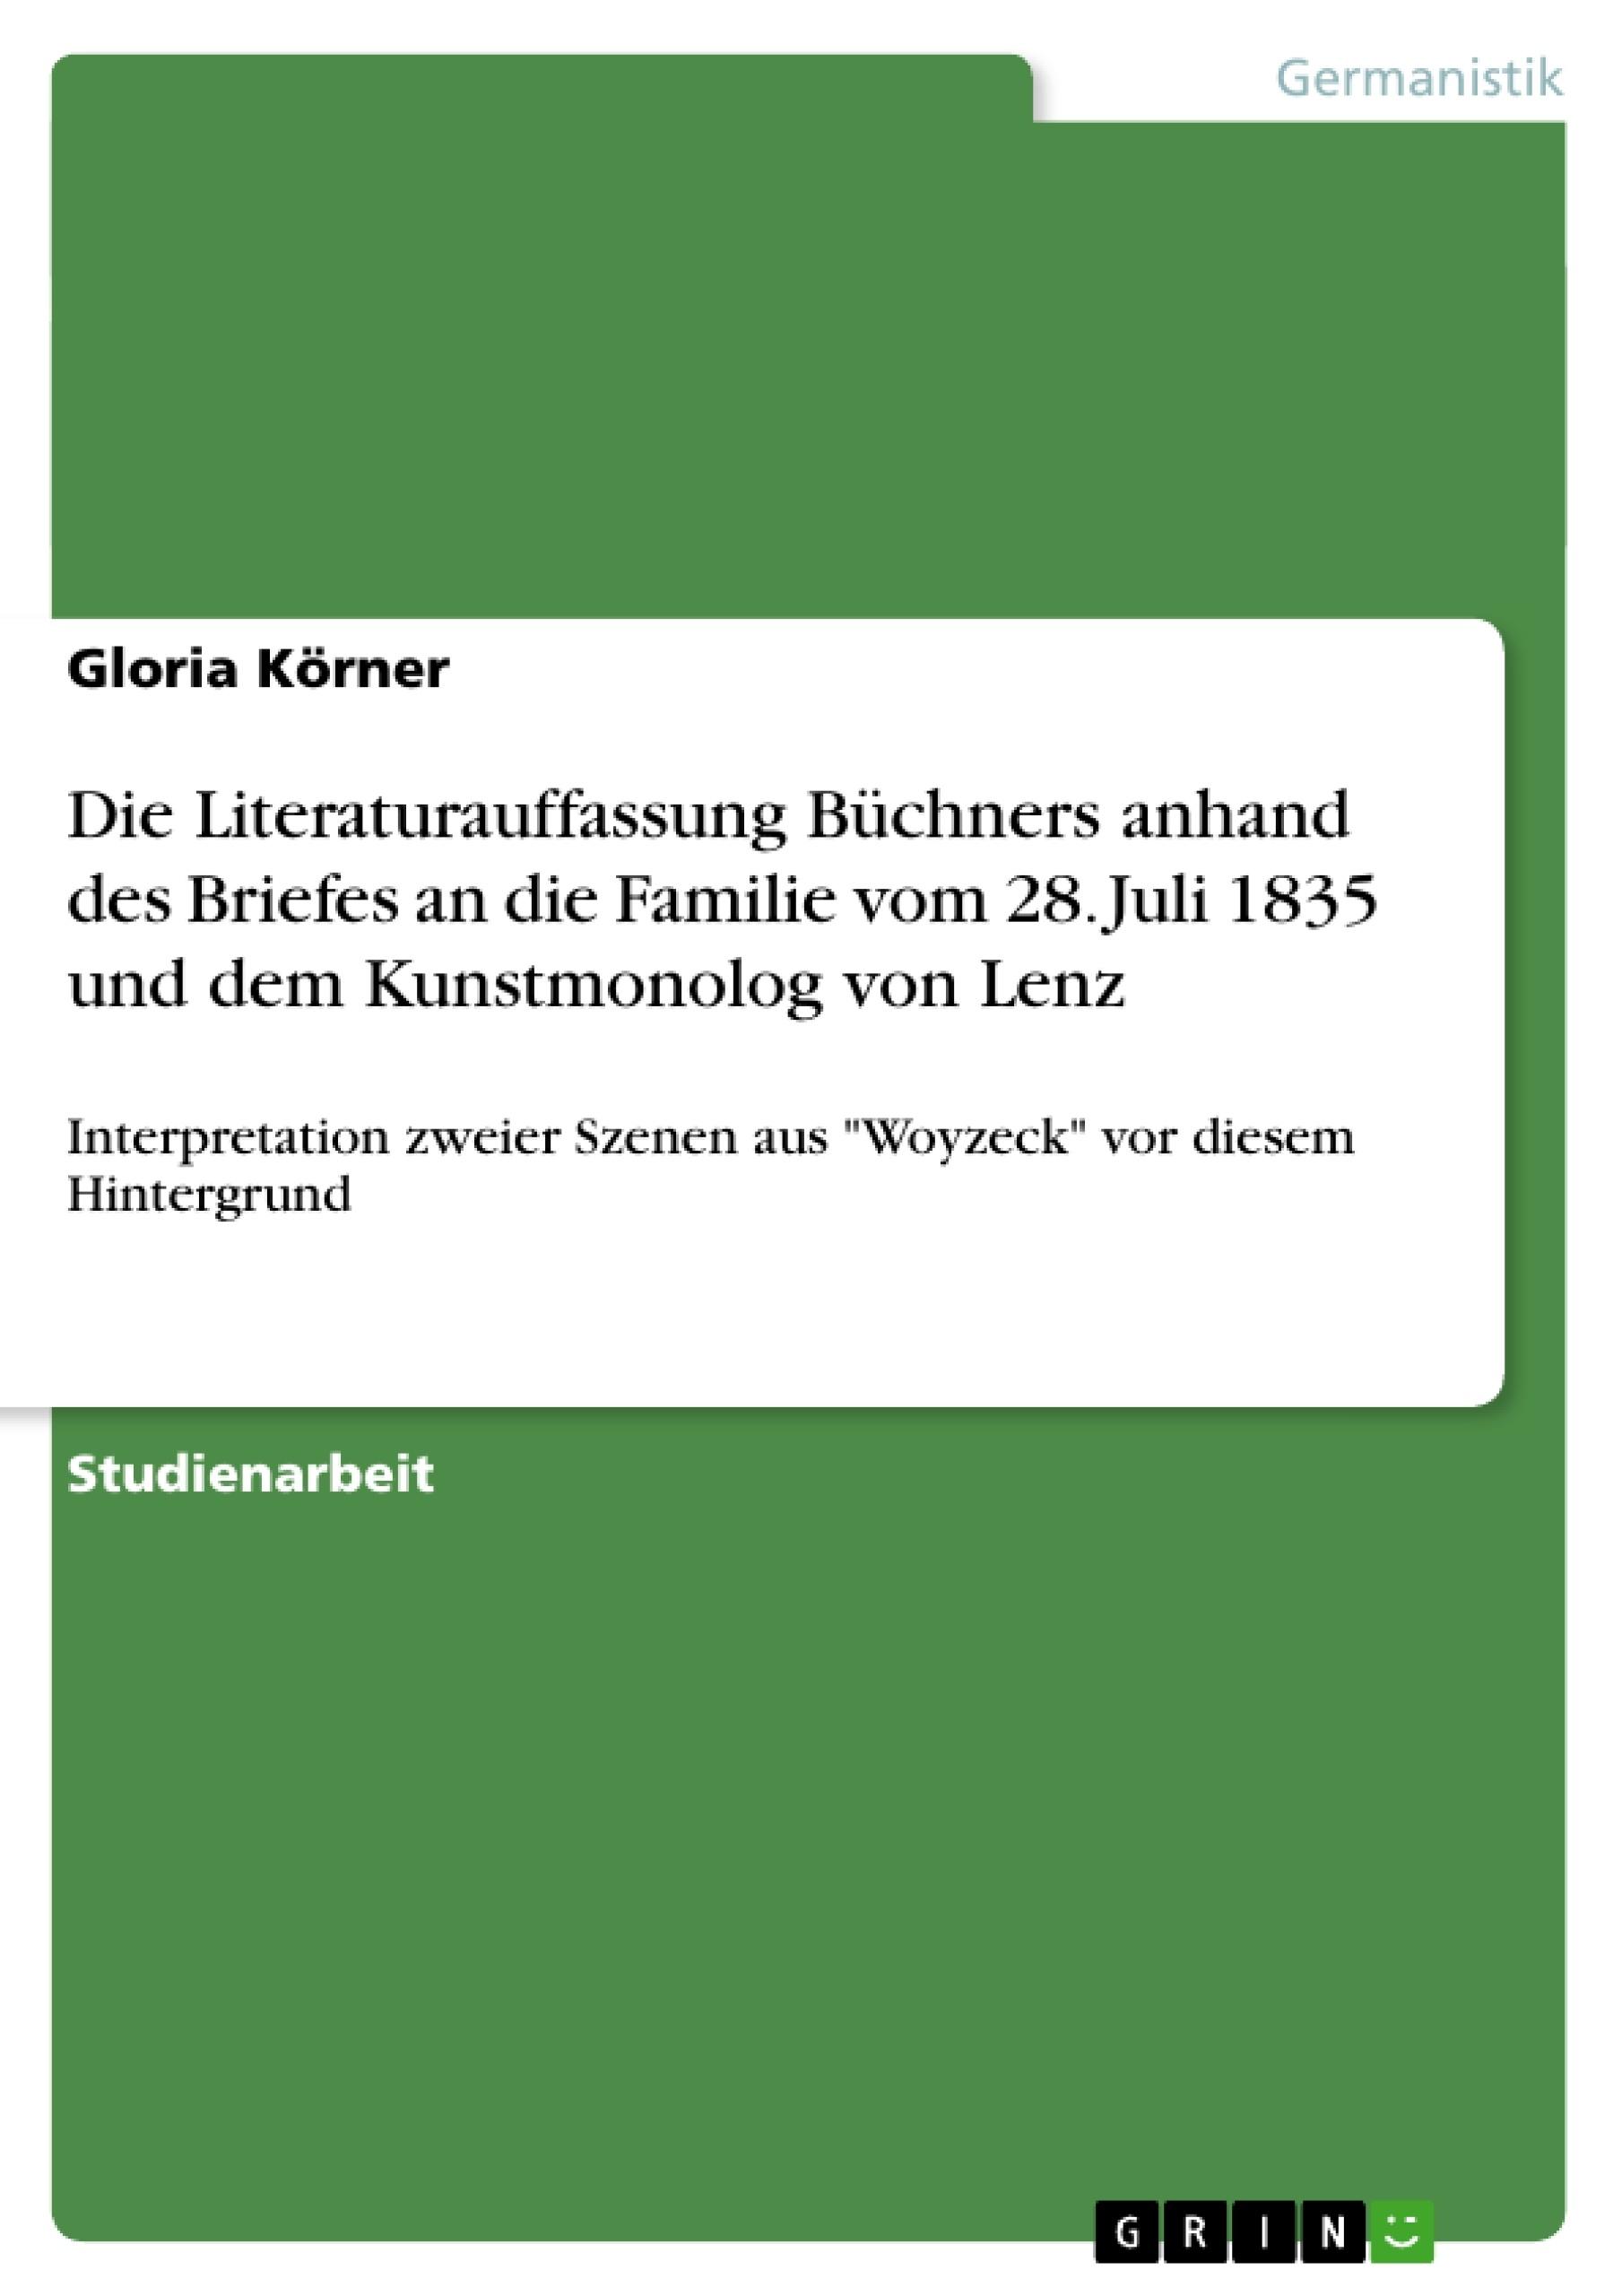 Titel: Die Literaturauffassung Büchners anhand des Briefes an die Familie vom 28. Juli 1835 und dem Kunstmonolog von Lenz